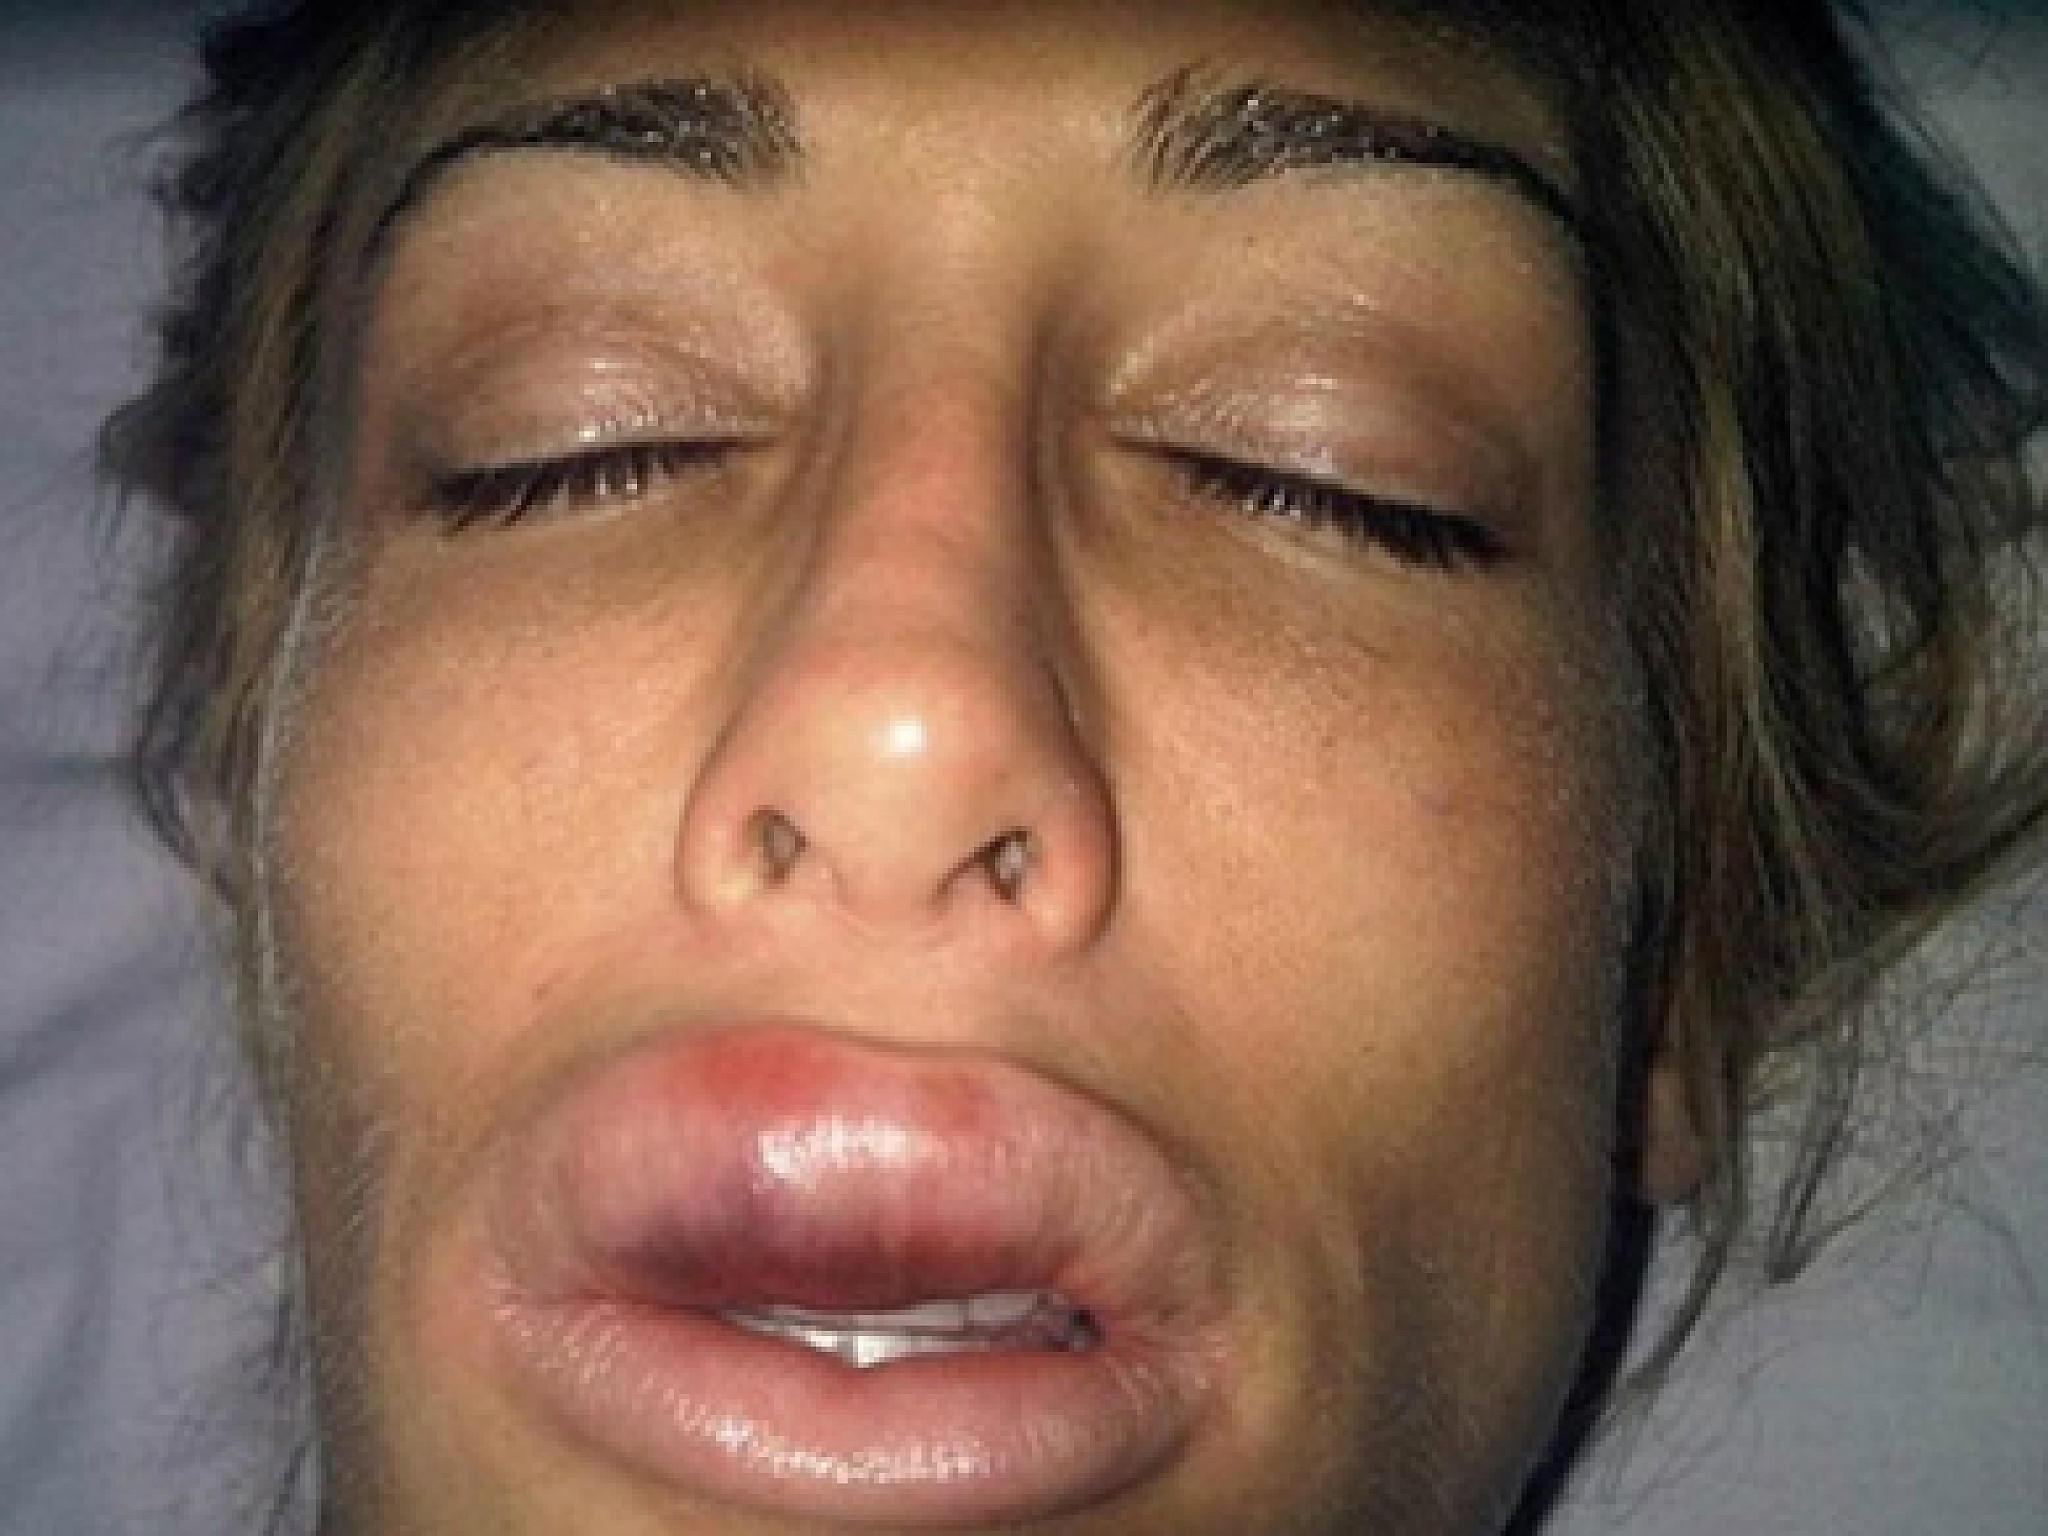 Смотреть фото самых больших губ, Фотографии Девушки с большими размерами половых 10 фотография